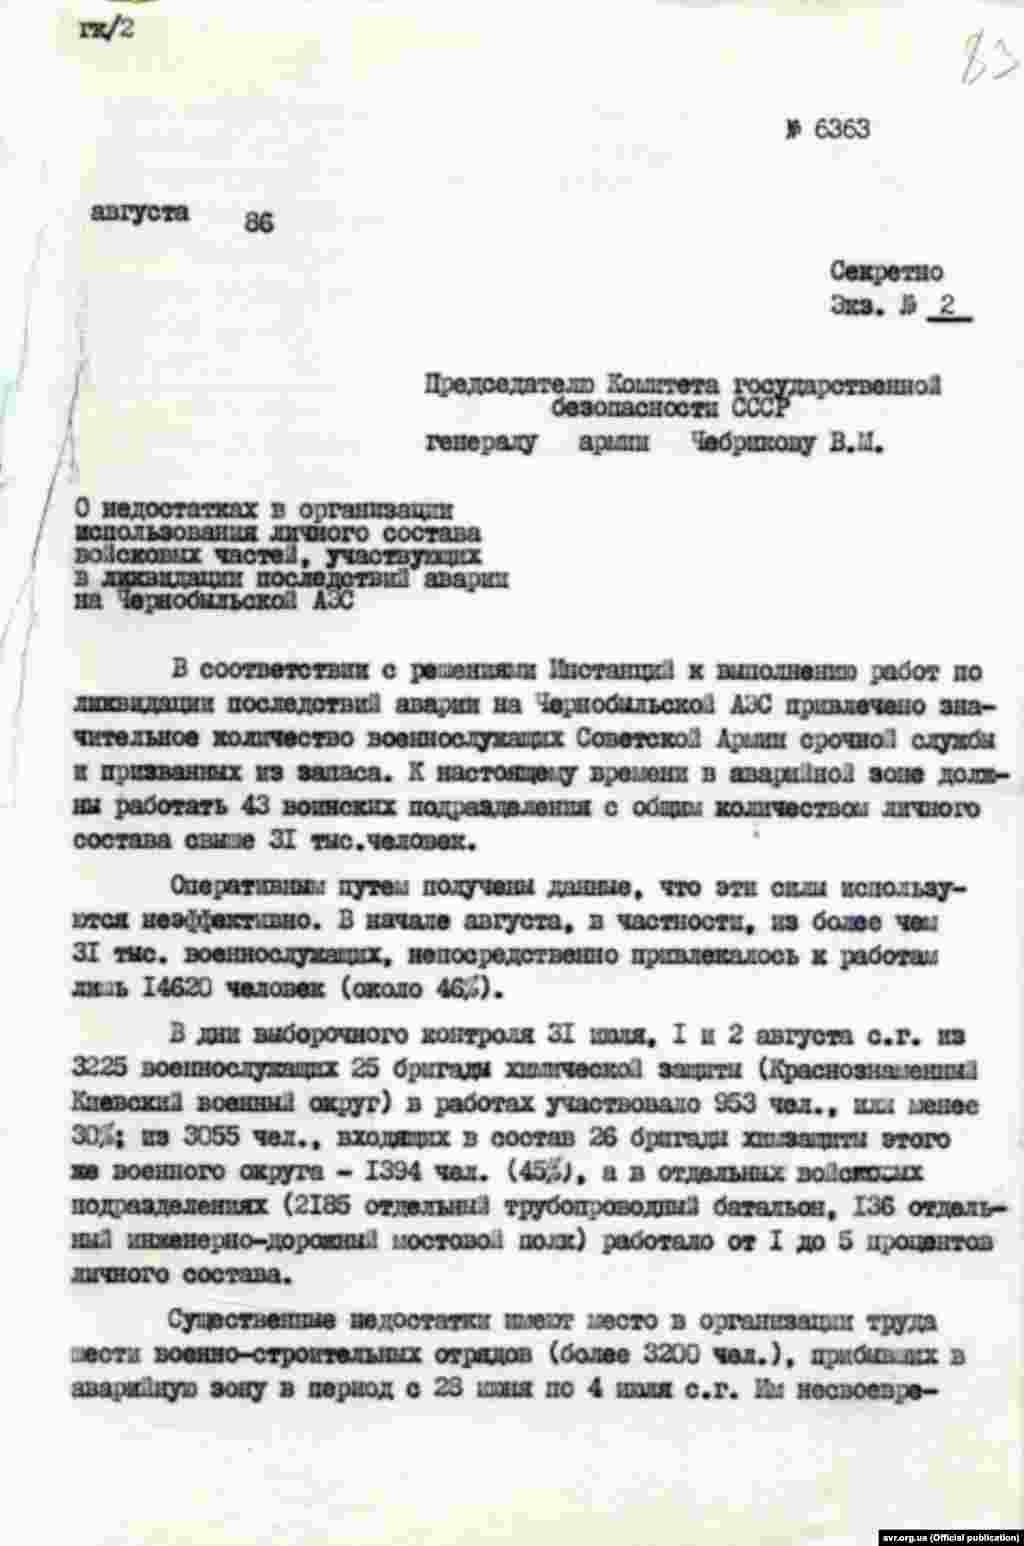 Доповідна про недоліки в організації ліквідації наслідків аварії на ЧАЕС, серпень 1986 року